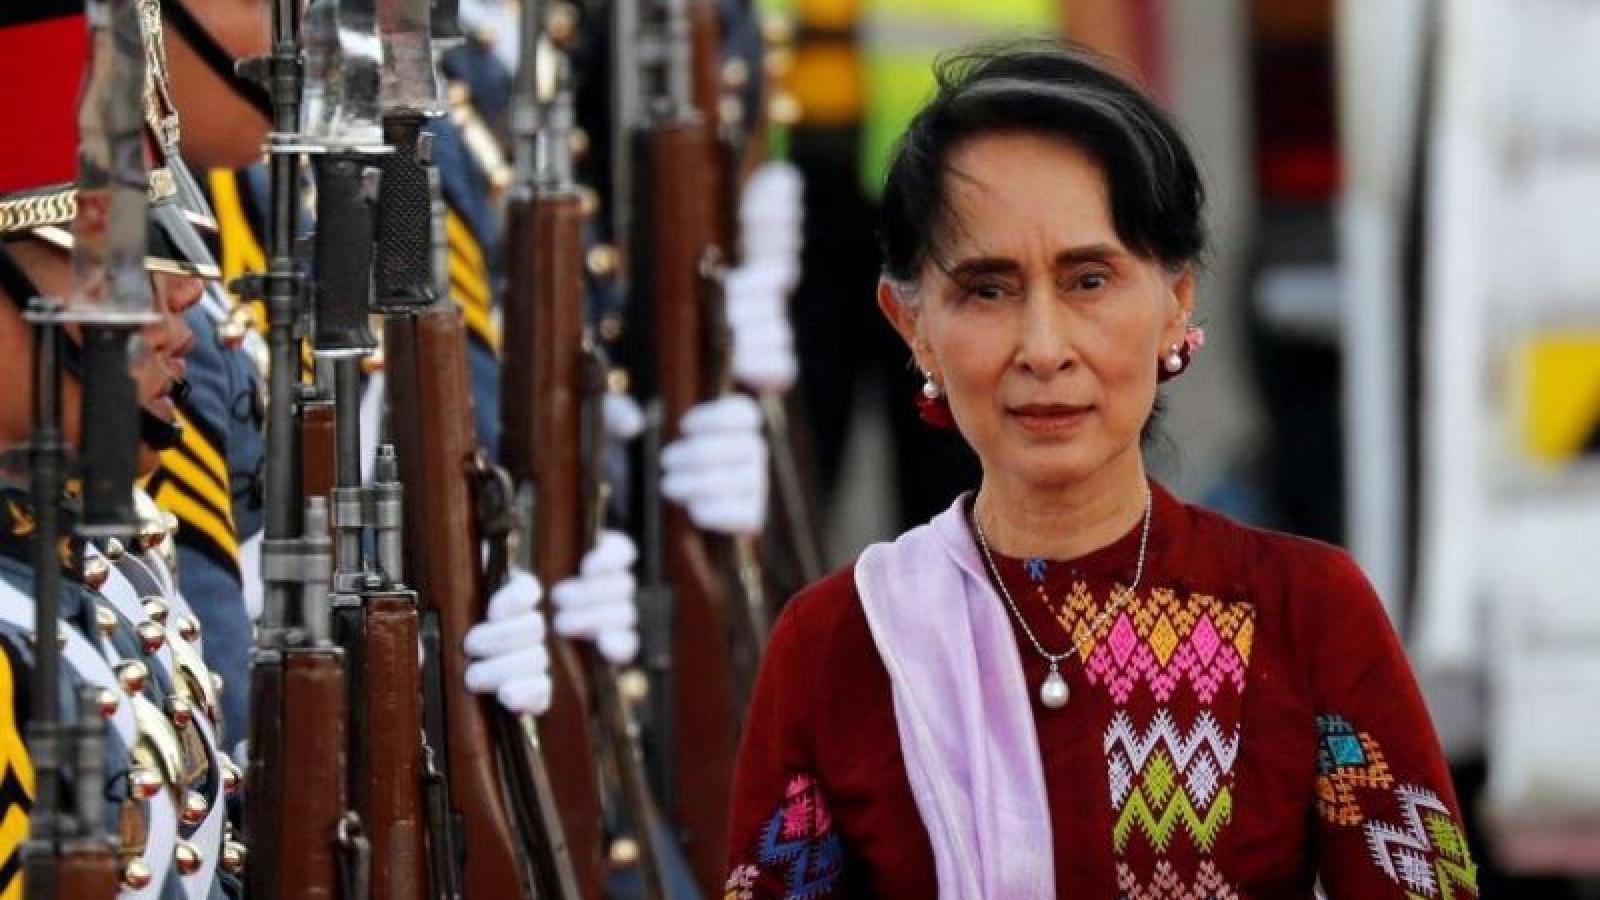 Đảng của bà Aung San Suu Kyi tuyên bố thắng lợi ở cuộc bầu cử Myanmar